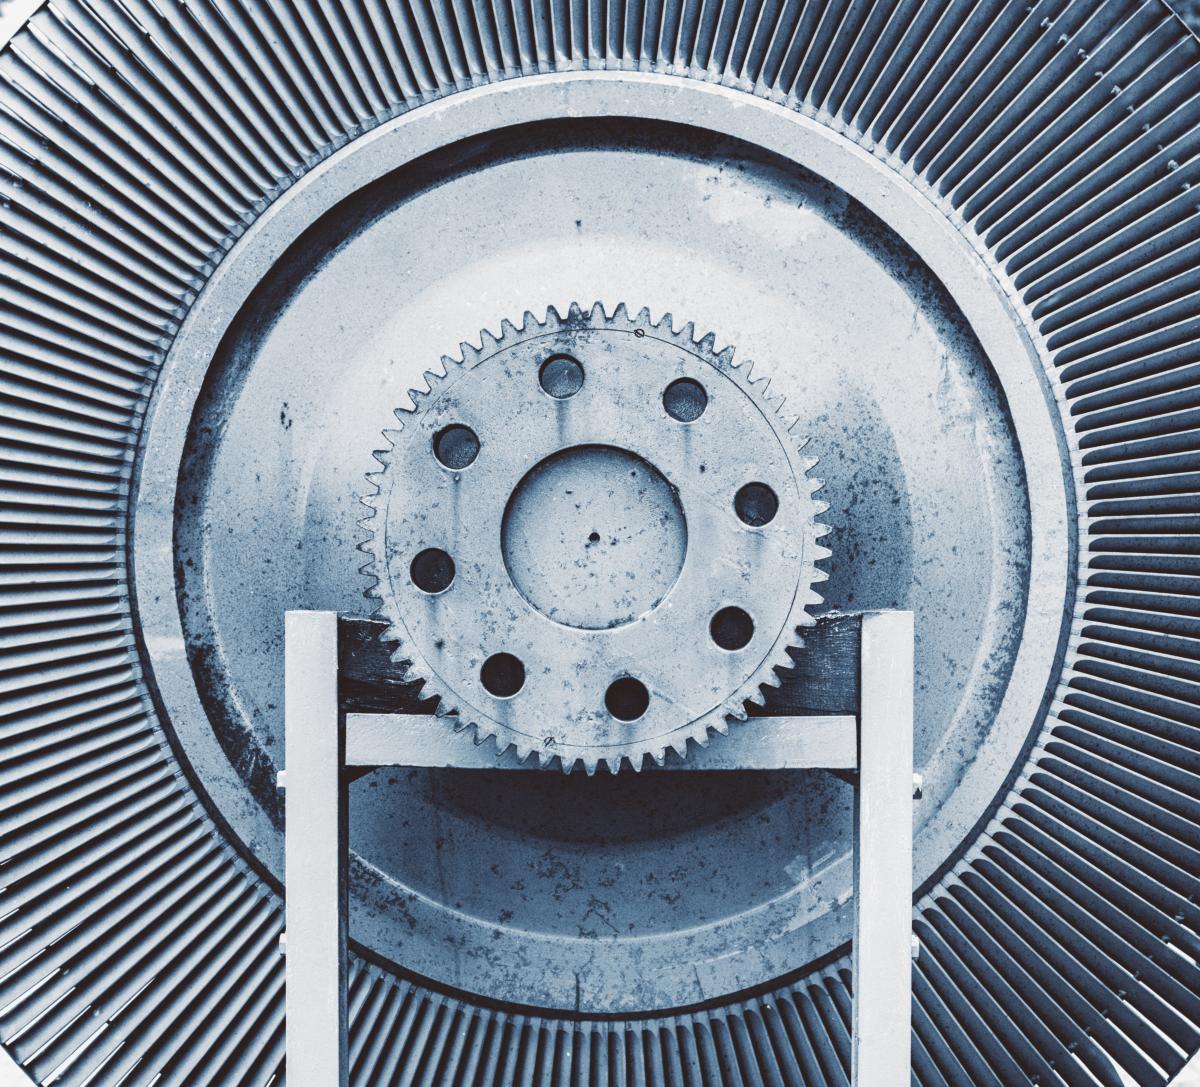 Vieux rotor de l'ancienne centrale électrique